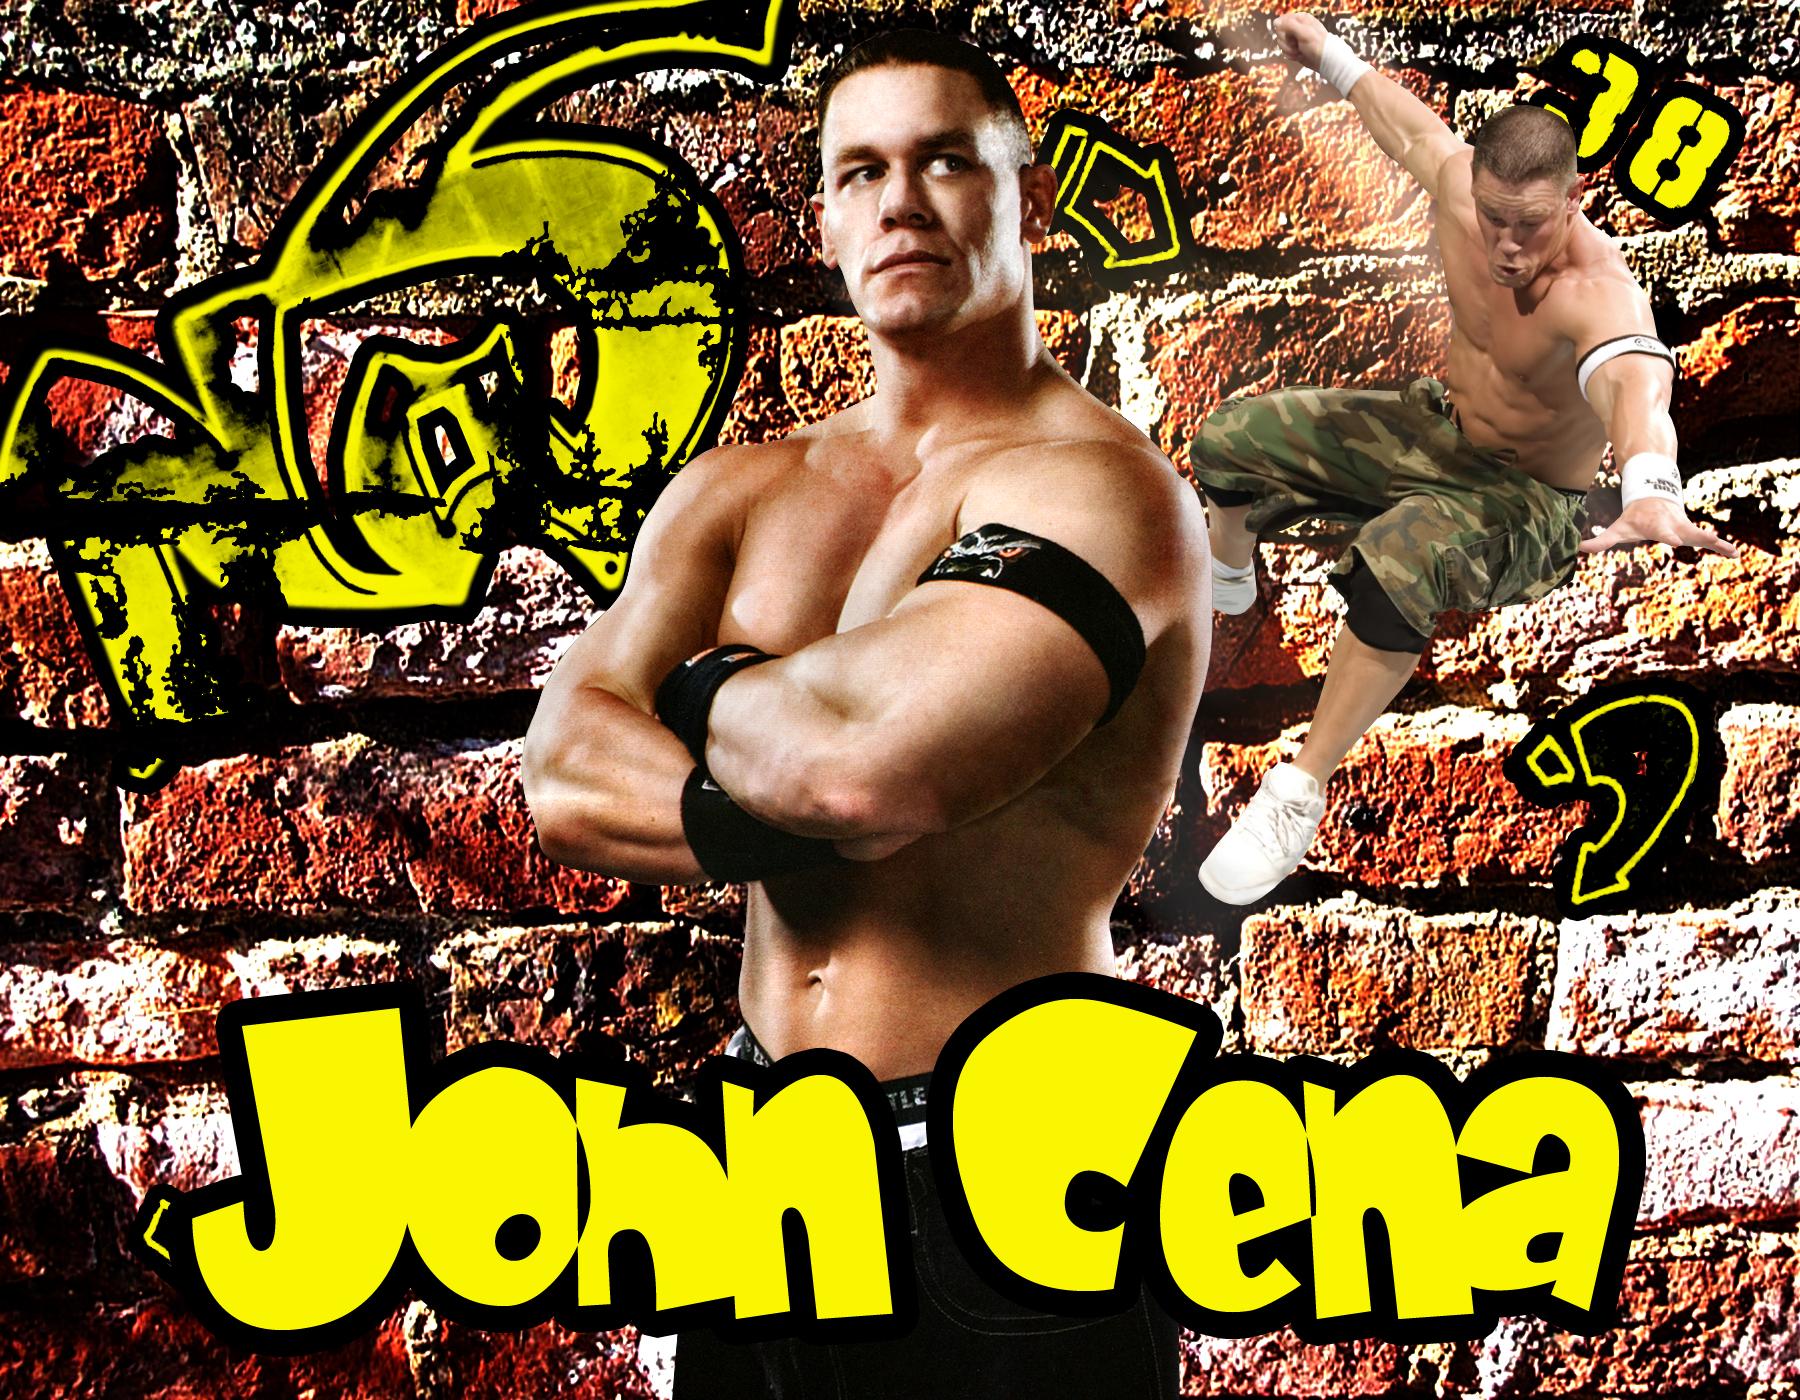 Wwe John Cena Wallpaper By Marco8ynwa On Deviantart